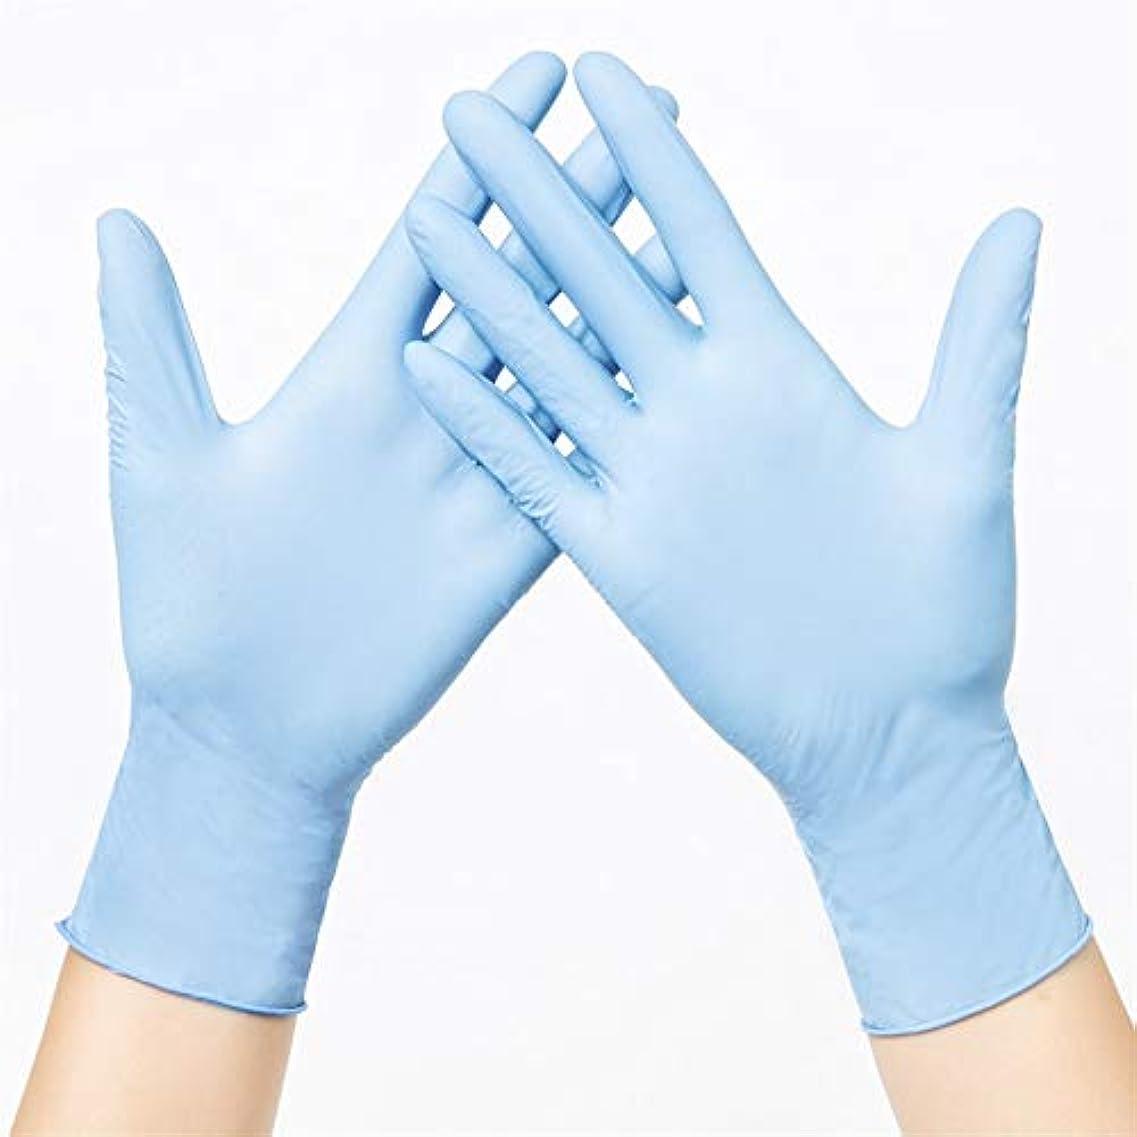 比類のない疫病達成使い捨て手袋 使い捨て手袋ゴム製超薄型ハンドウェアラブル防水家庭用手袋、100 ニトリルゴム手袋 (Color : Blue, Size : M)